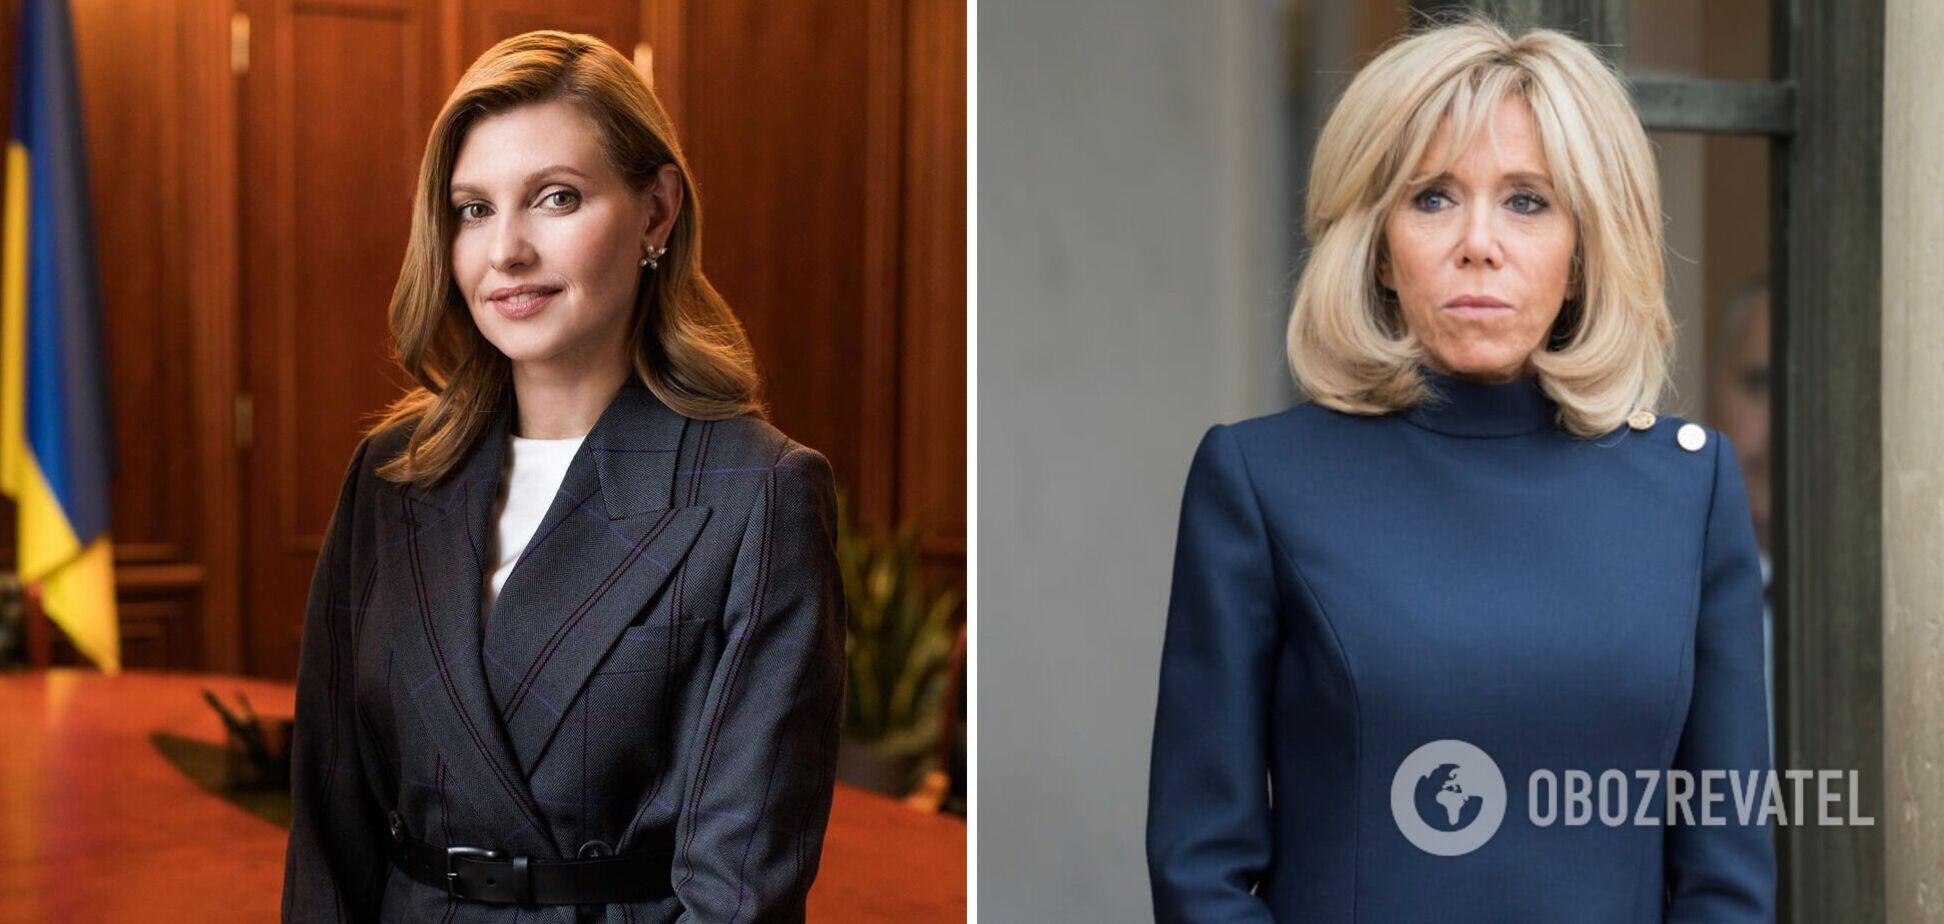 Зеленская и Макрон встретились в Париже: какие наряды выбрали и сколько они стоят